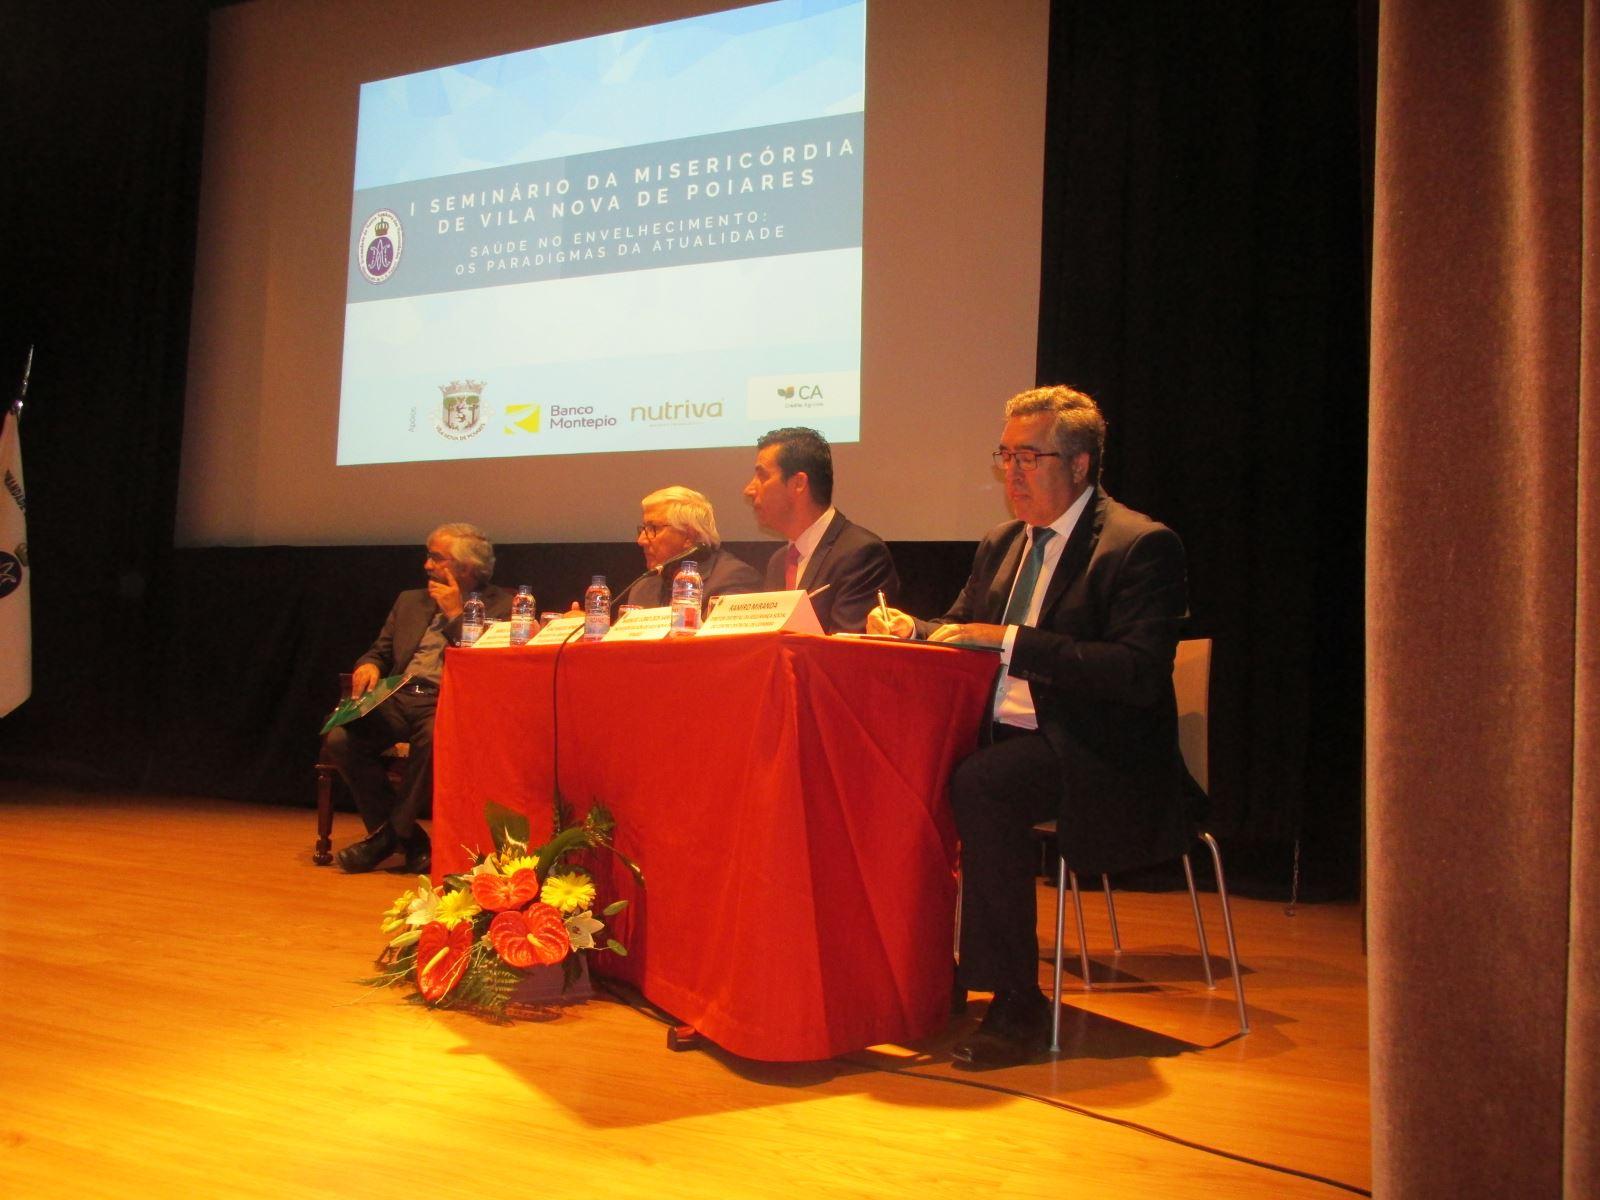 Vila Nova de Poiares| Seminário para promover saúde no envelhecimento